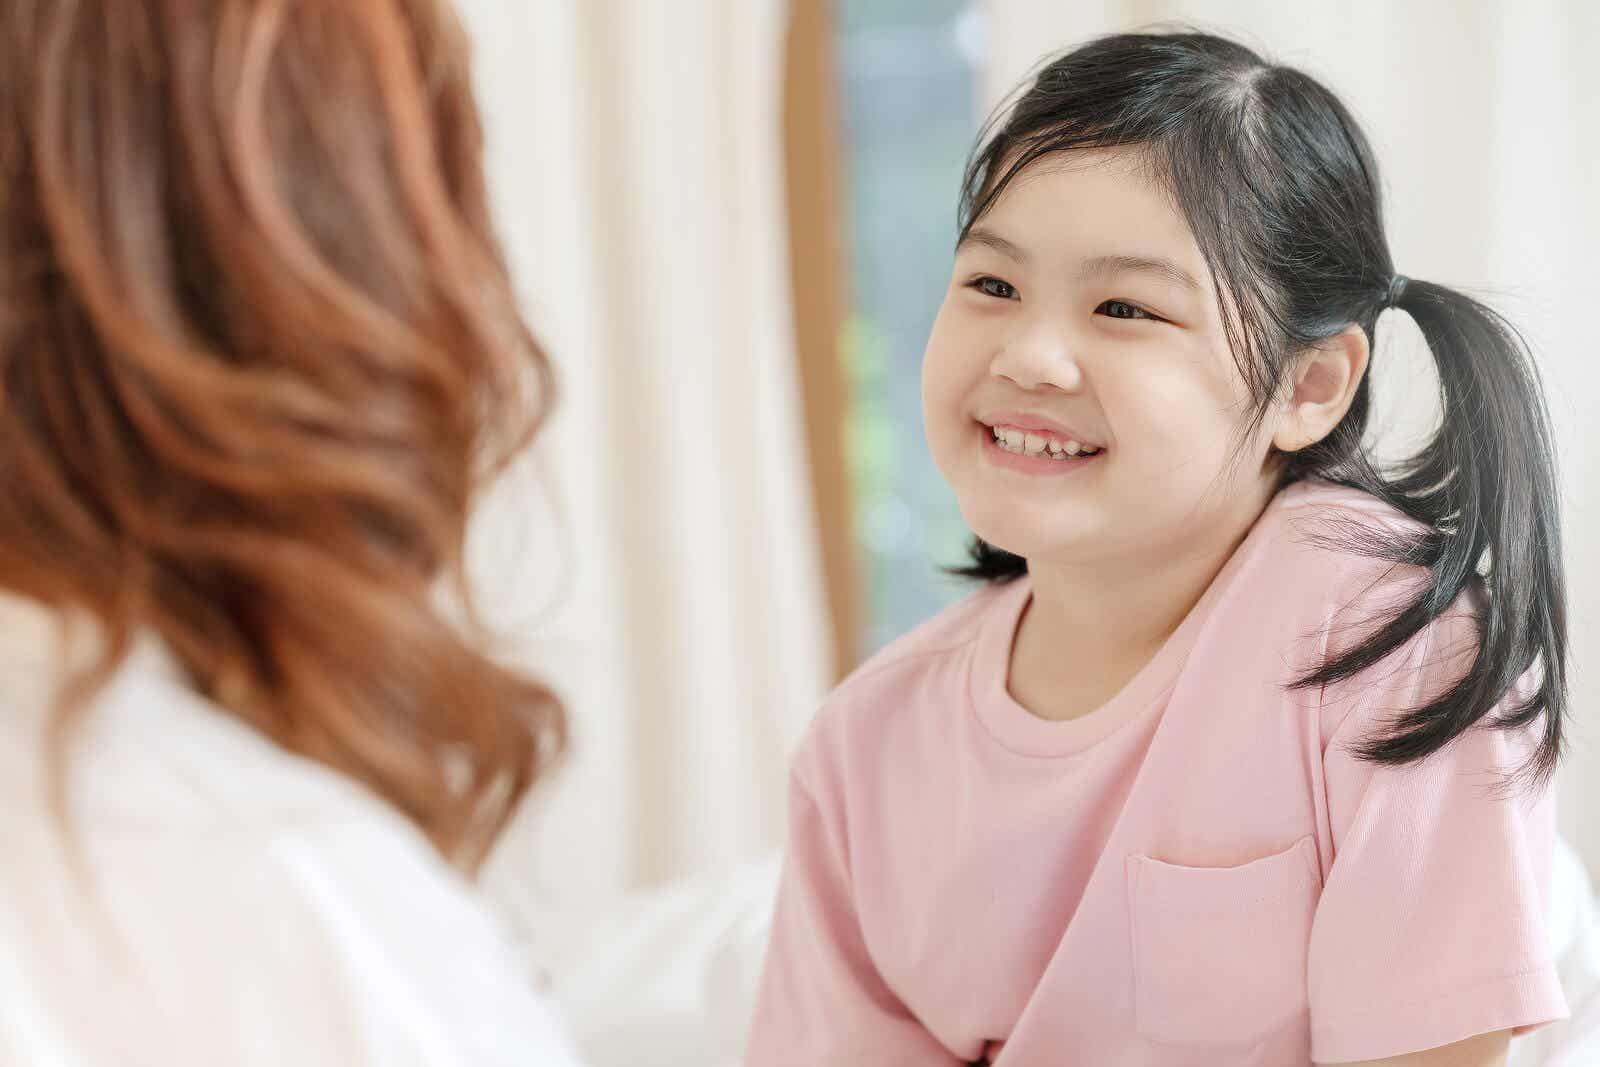 Młoda dziewczynka słysząca pochwały z ust matki.